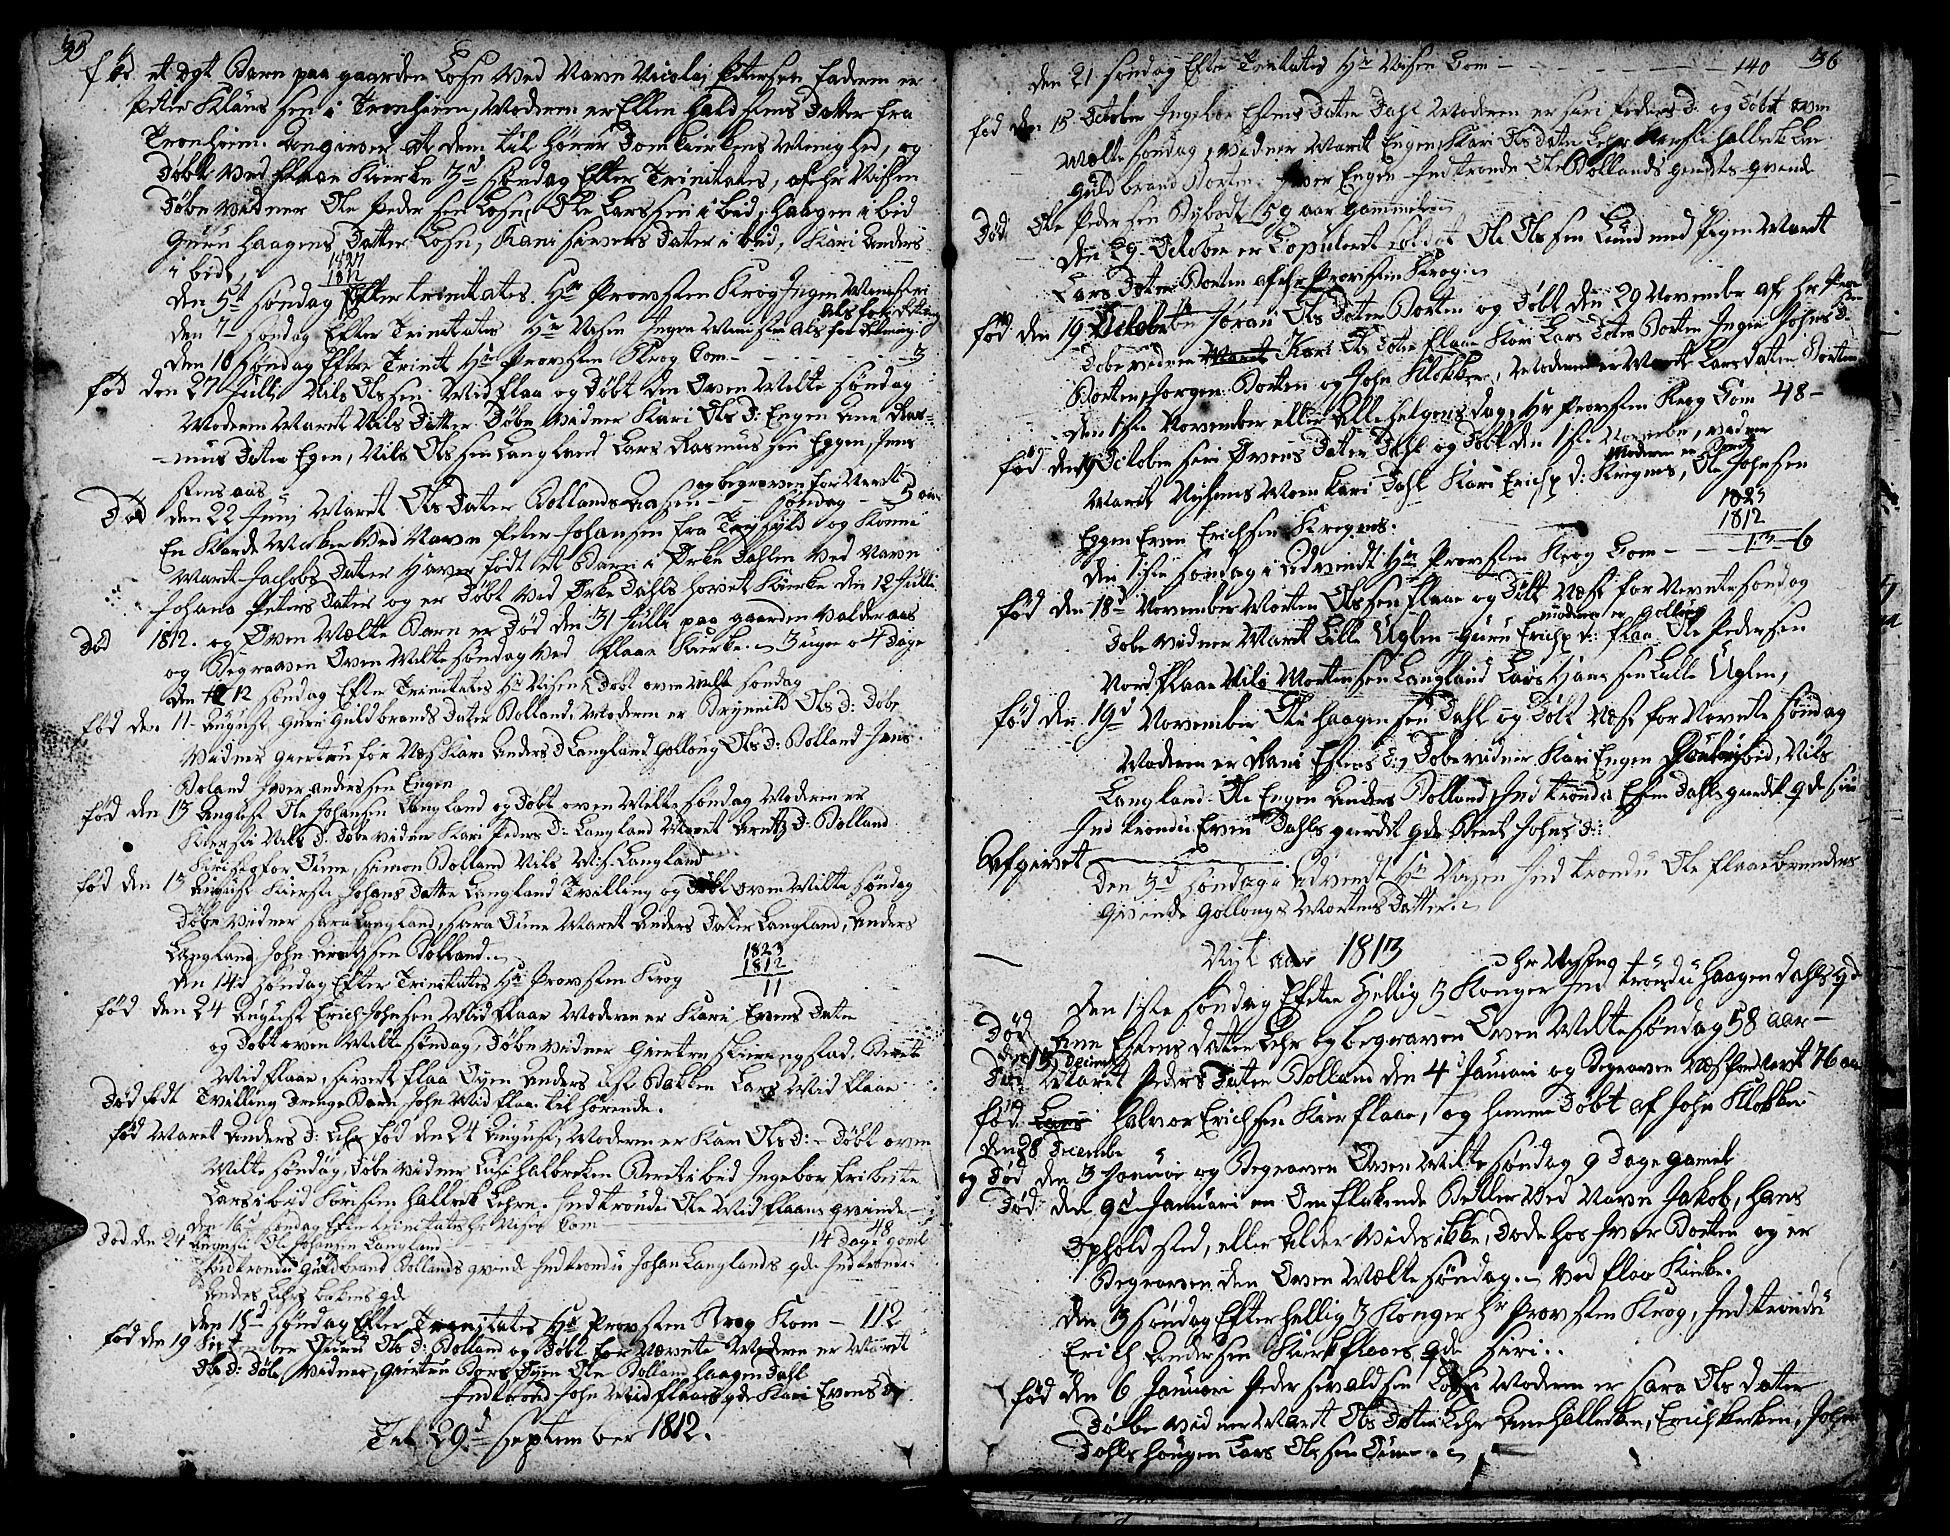 SAT, Ministerialprotokoller, klokkerbøker og fødselsregistre - Sør-Trøndelag, 693/L1120: Klokkerbok nr. 693C01, 1799-1816, s. 35-36